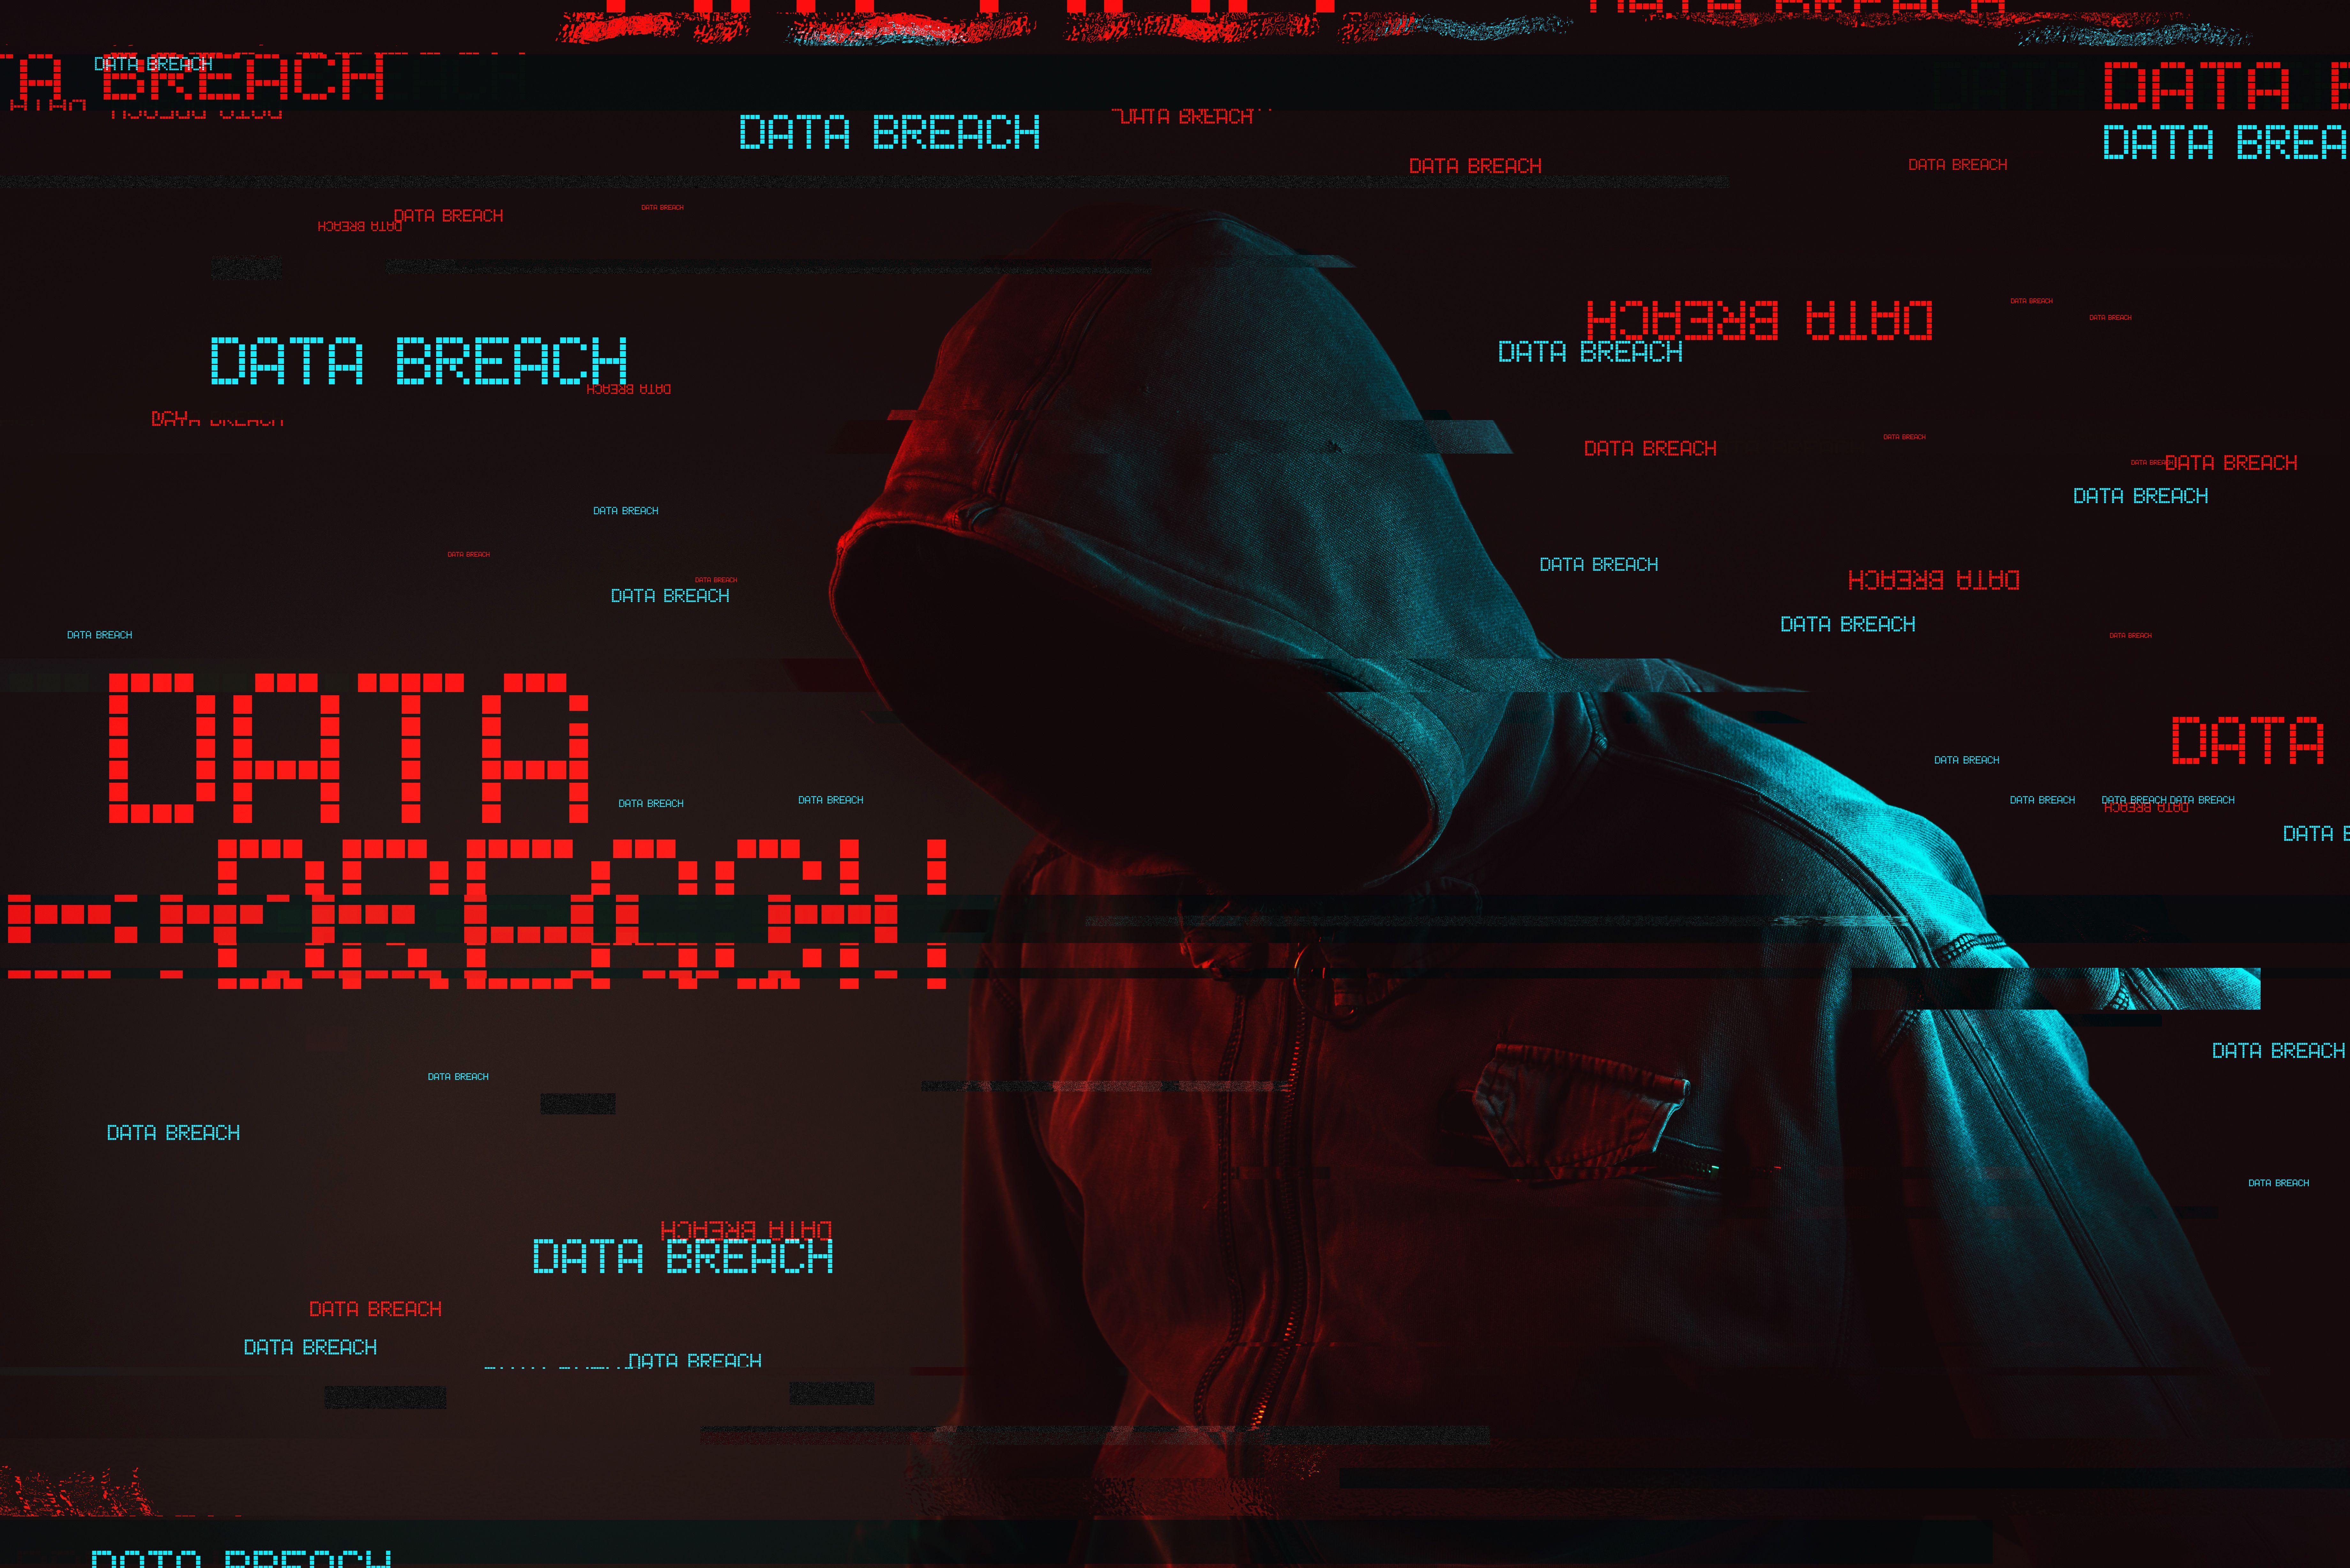 Hacker Pc 4k Wallpapers Top Free Hacker Pc 4k Backgrounds Wallpaperaccess